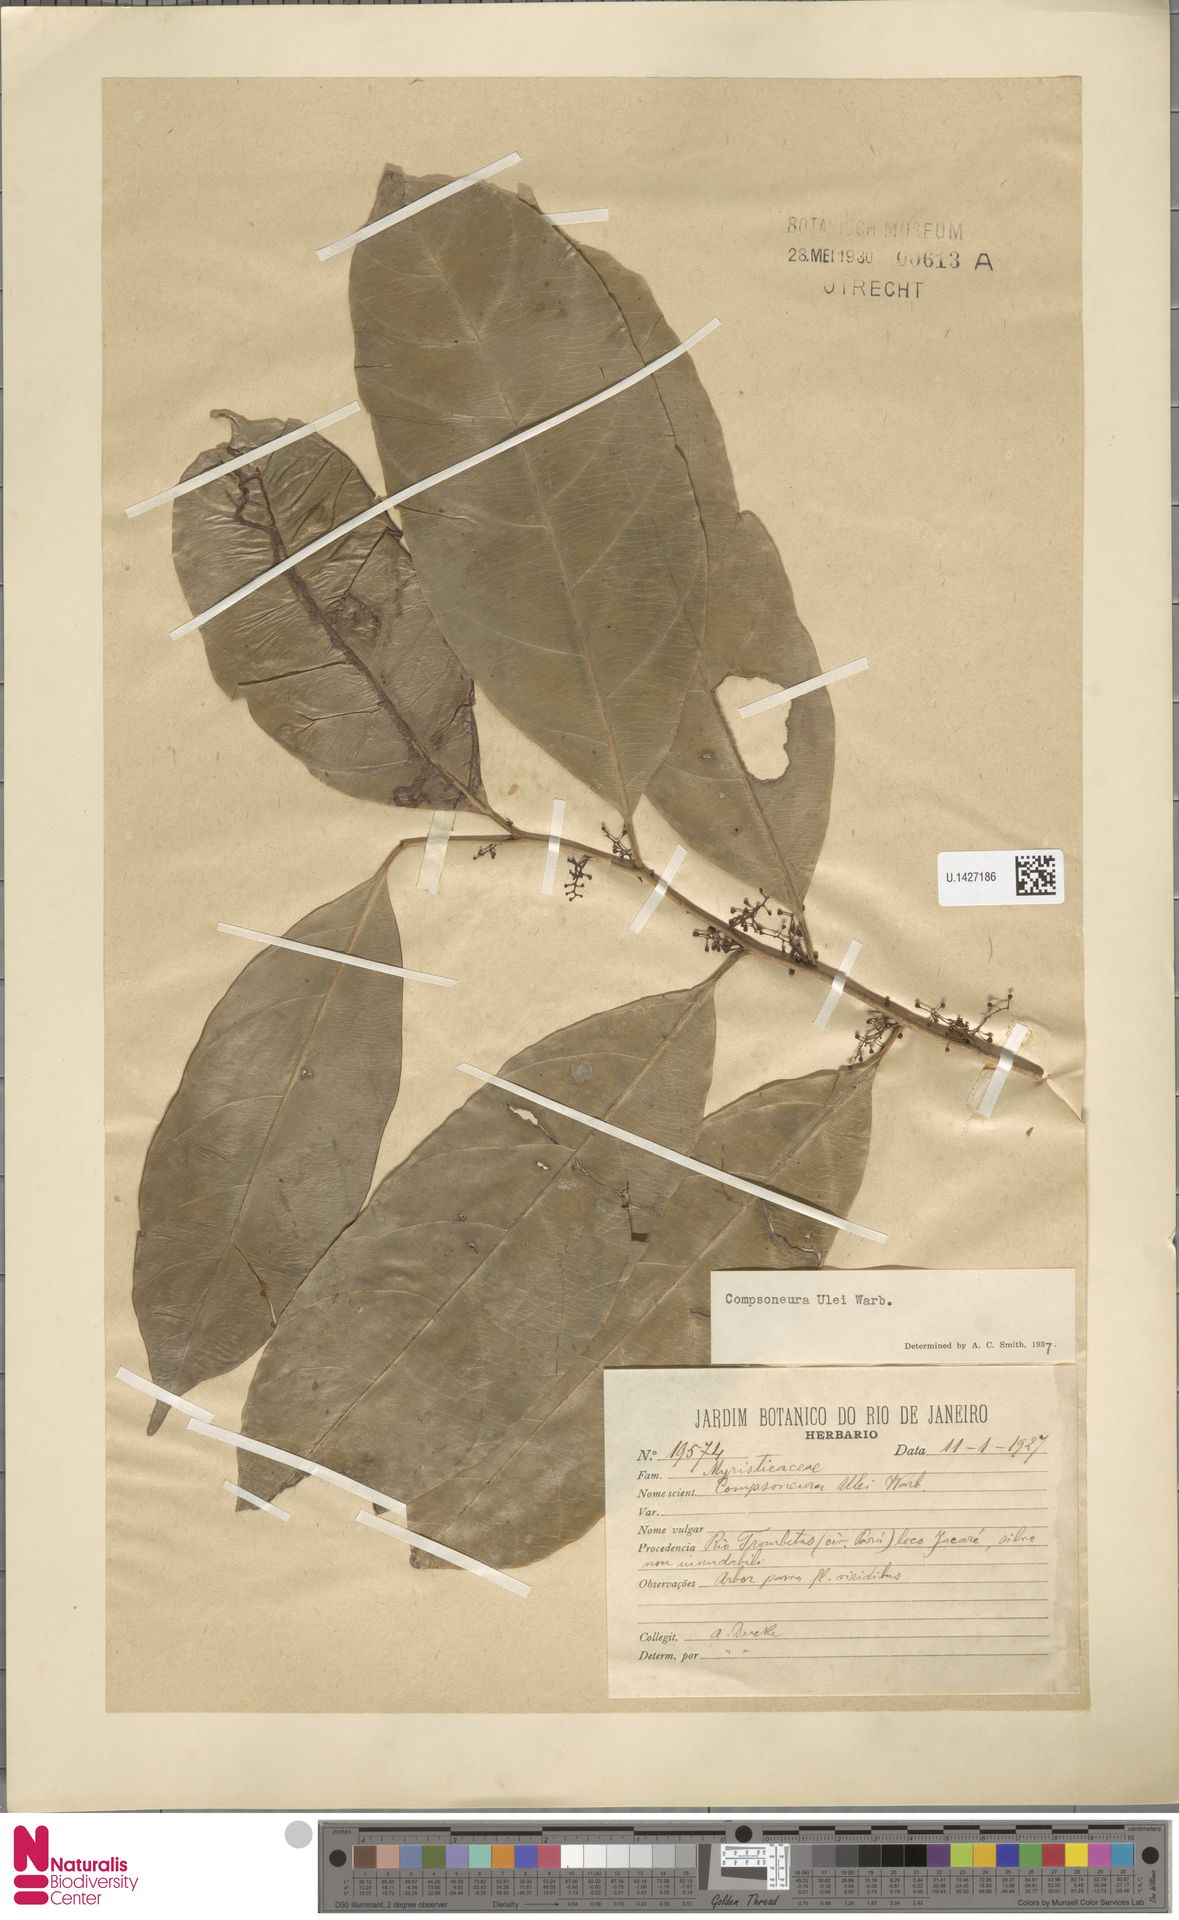 U.1427186 | Compsoneura ulei Warb.